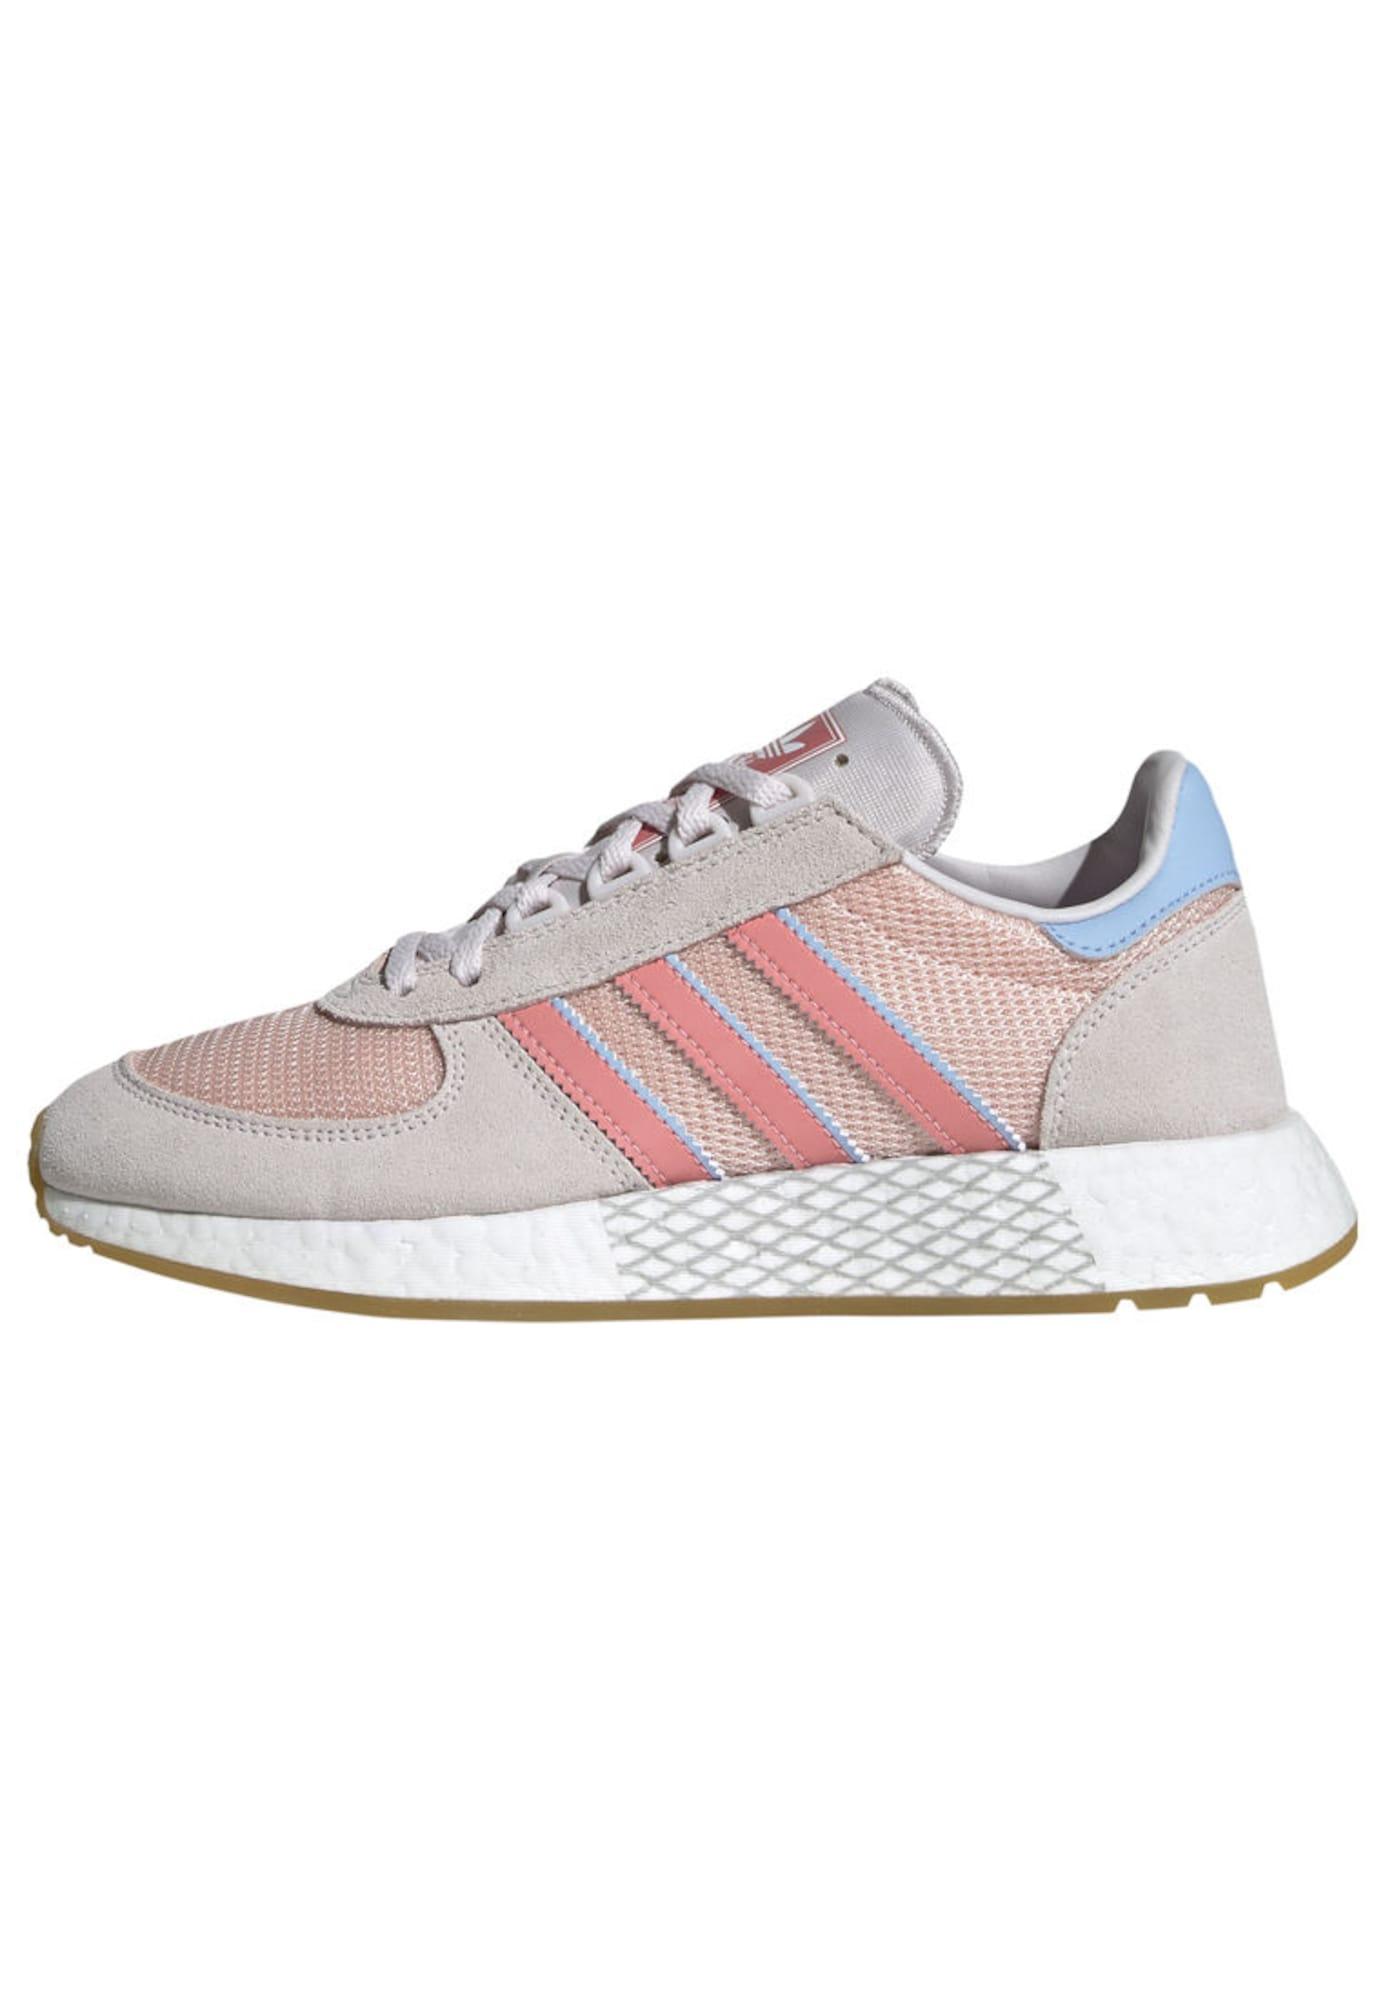 Tenisky Marathon Techu W světlemodrá pink růžová pastelově růžová ADIDAS ORIGINALS